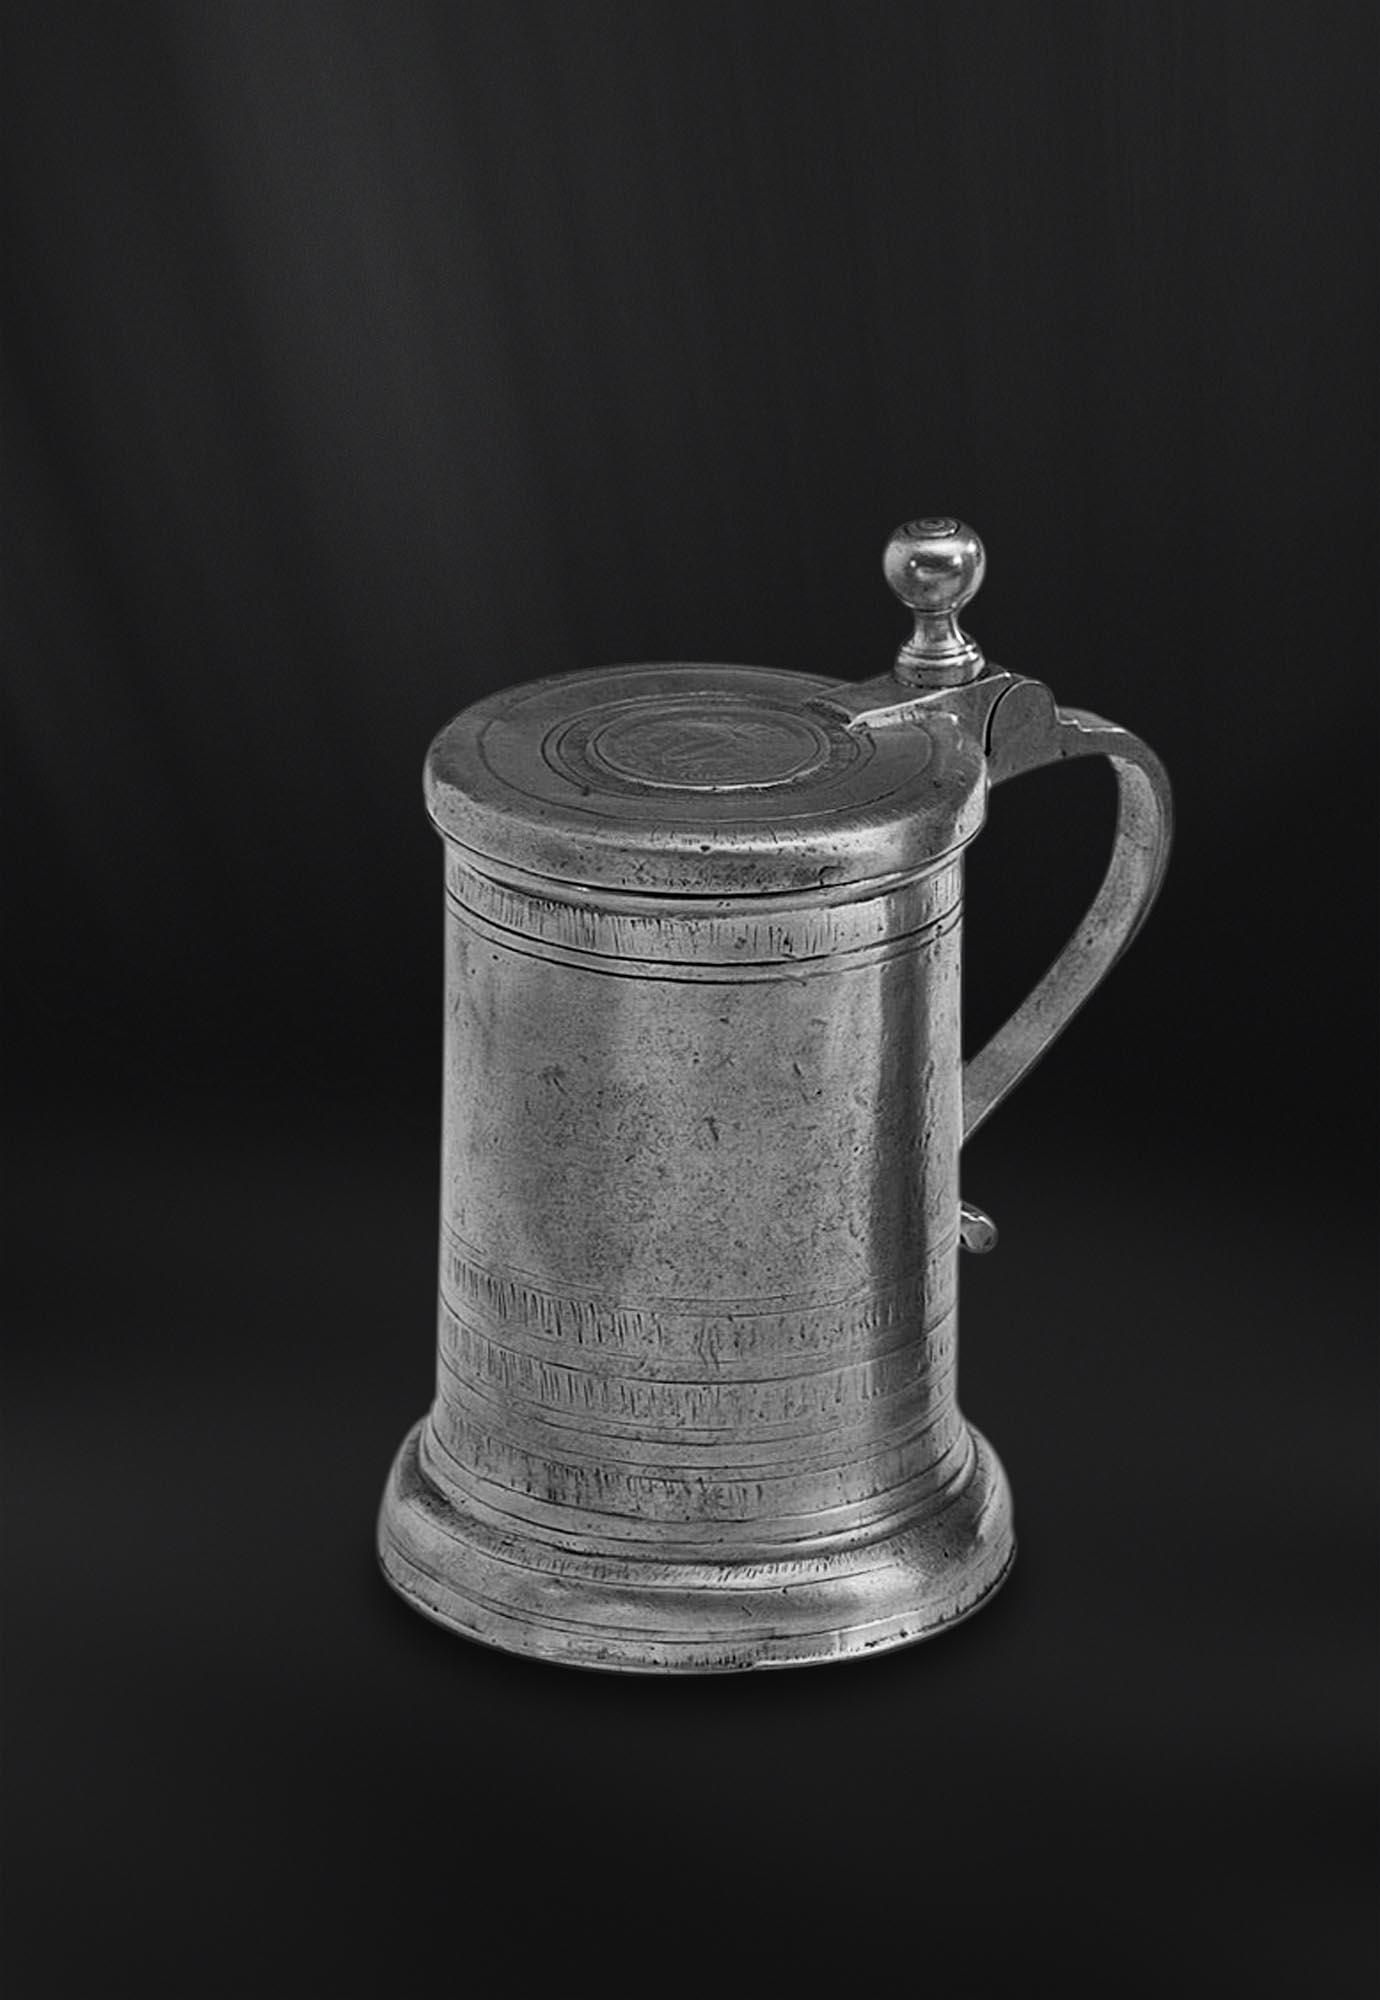 CHOPE etain antique